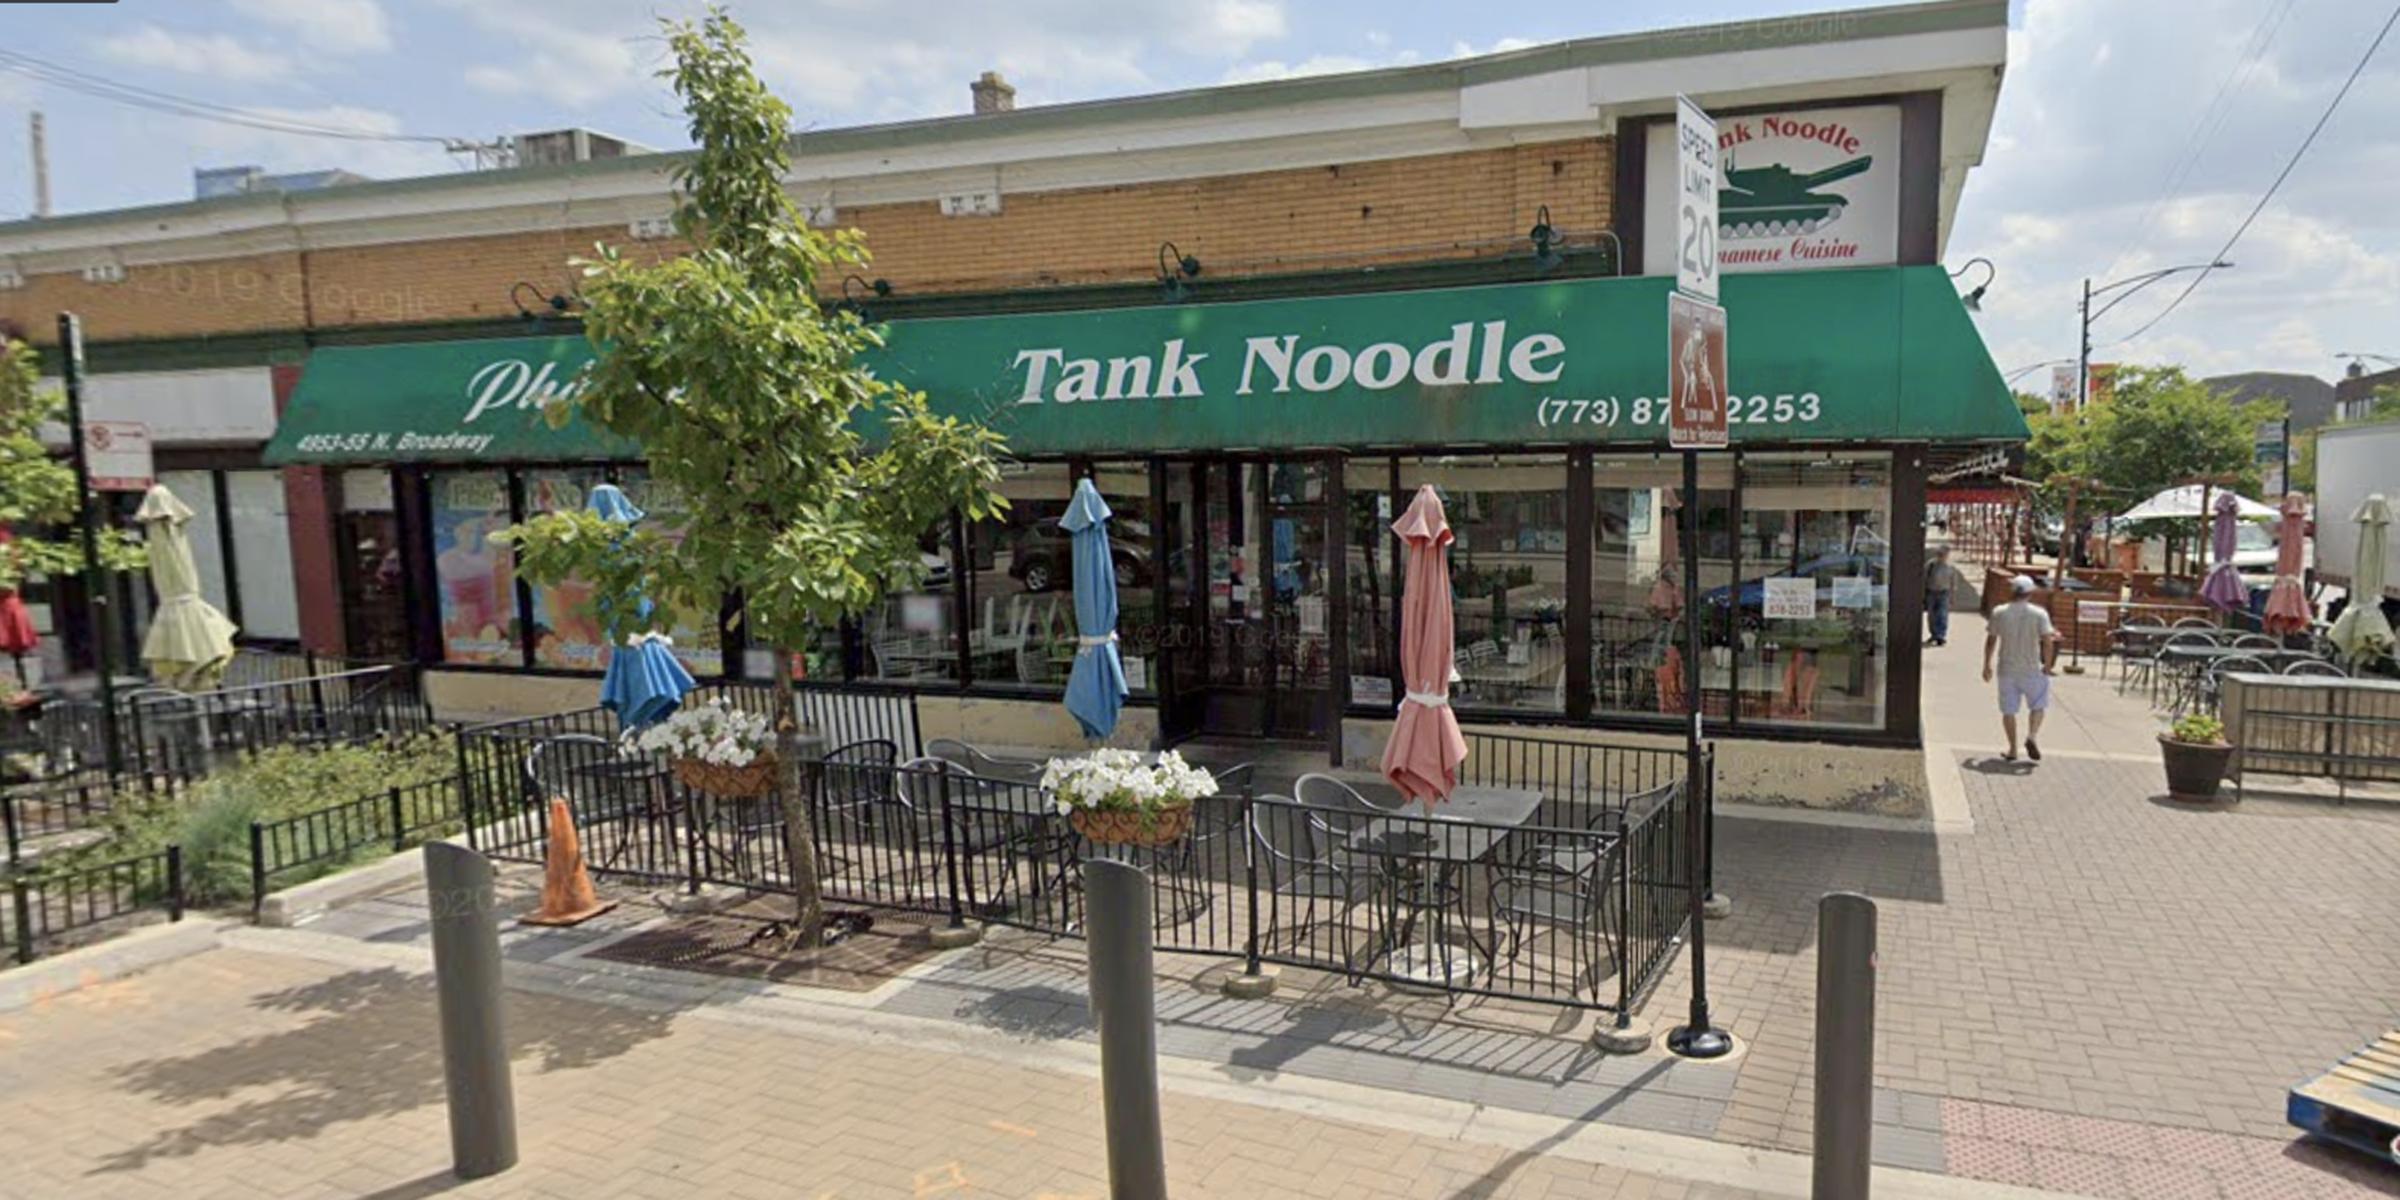 Nhà hàng Tank Noodle (phở xe tăng) hoàn trả 700,000 mỹ kim tiền lương cho các nhân viên sau cuộc điều tra của bộ lao động